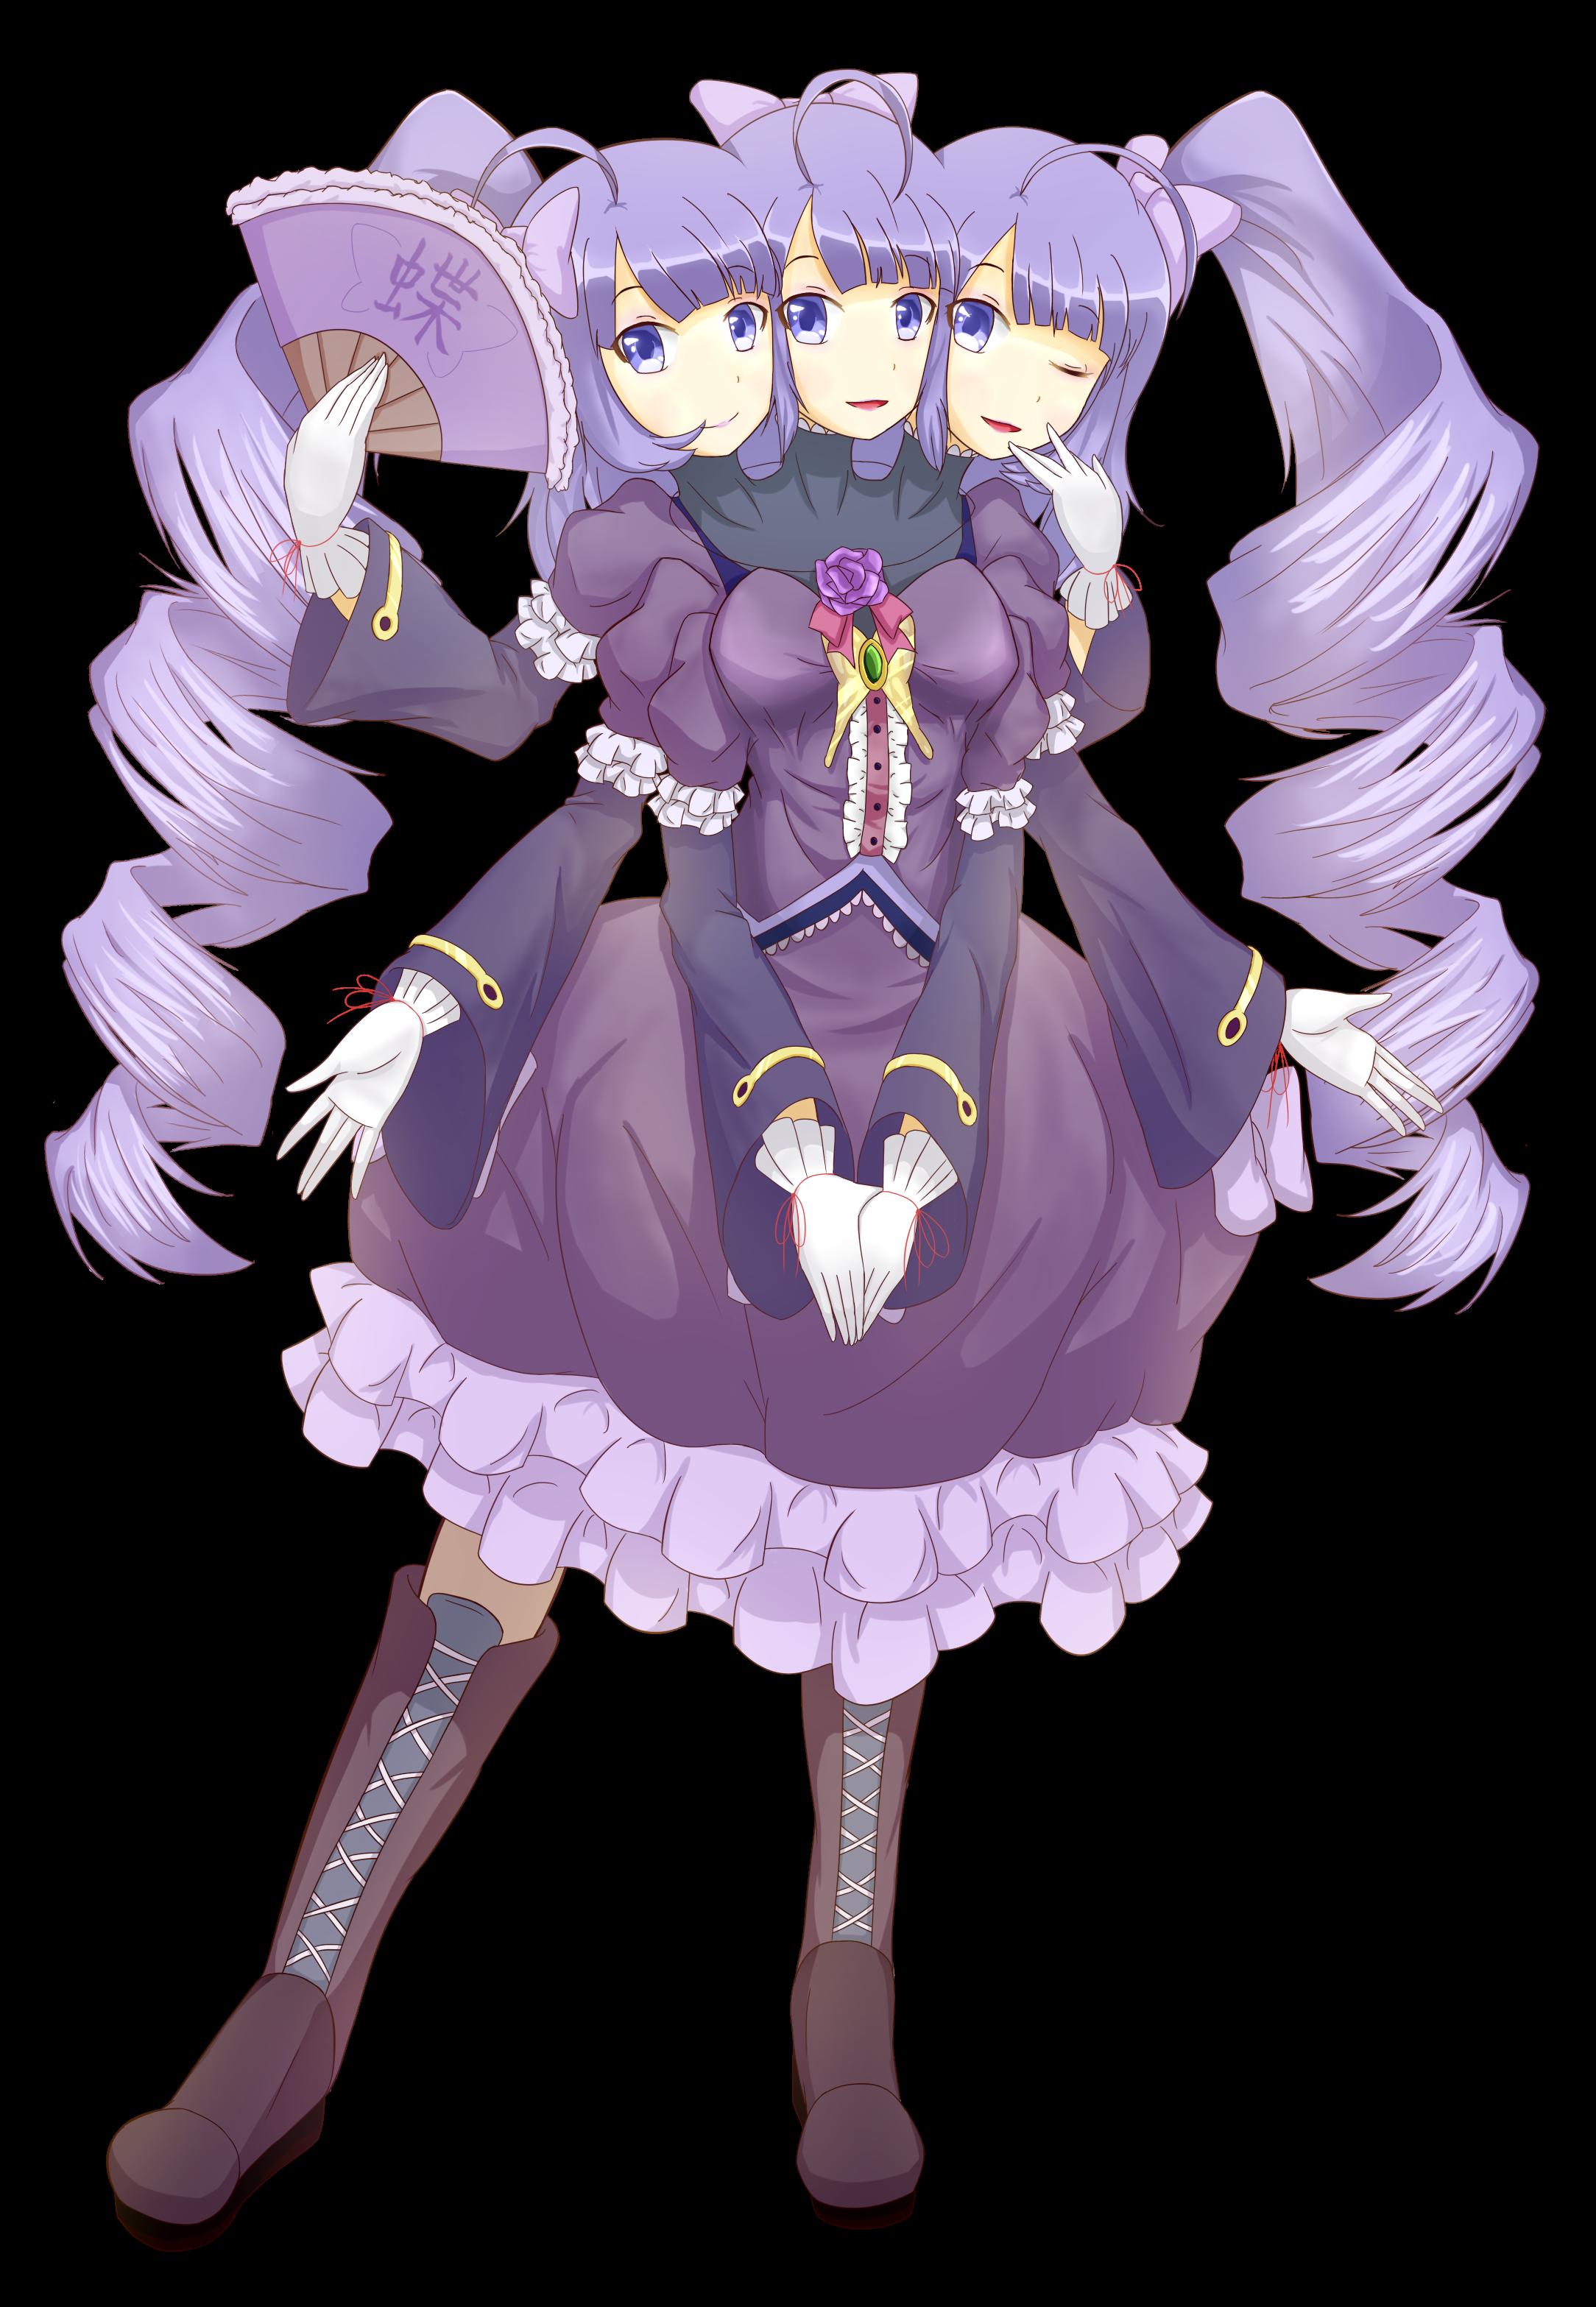 My Avatar - Xia the three headed girl